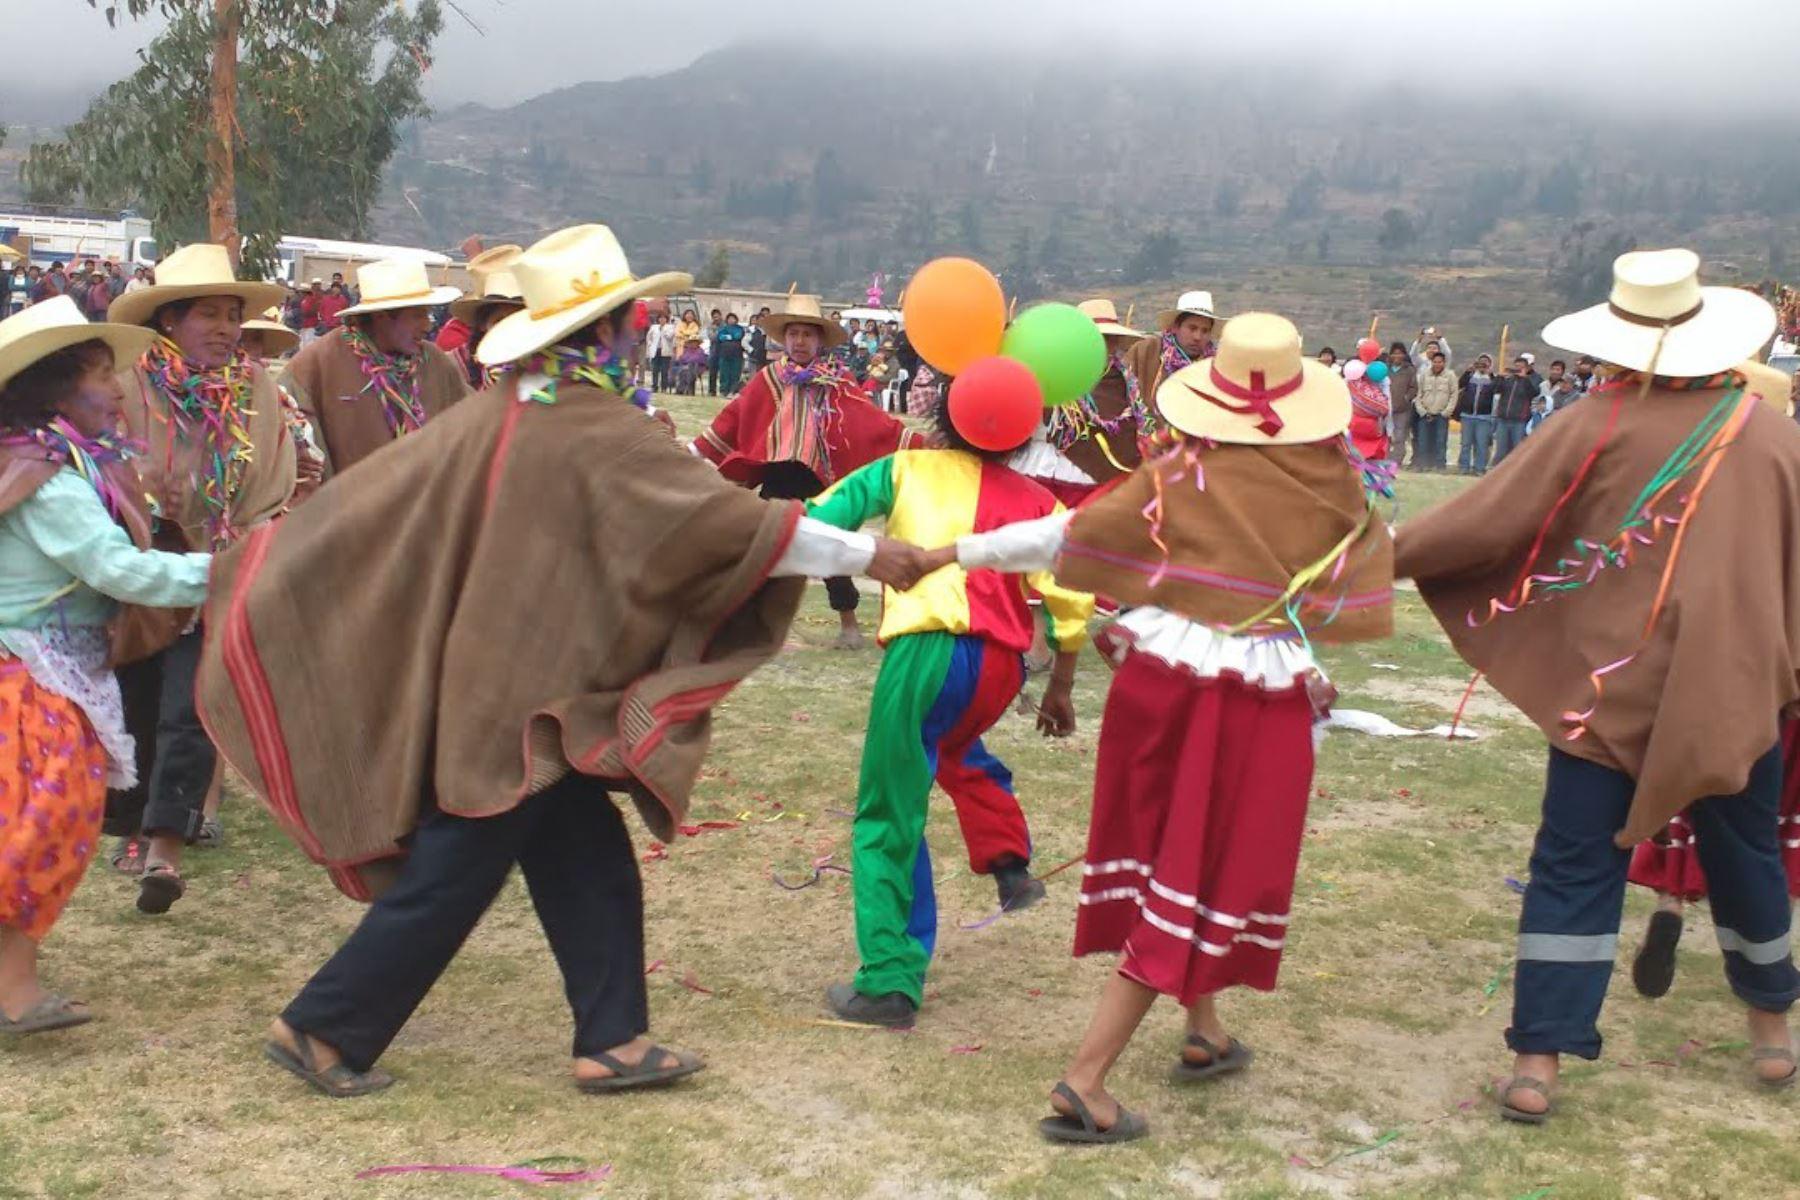 El Ministerio de Cultura declaró Patrimonio Cultural de la Nación al Carnaval de Puquina, que se celebra en la provincia de General Sánchez Cerro, departamento de Moquegua.